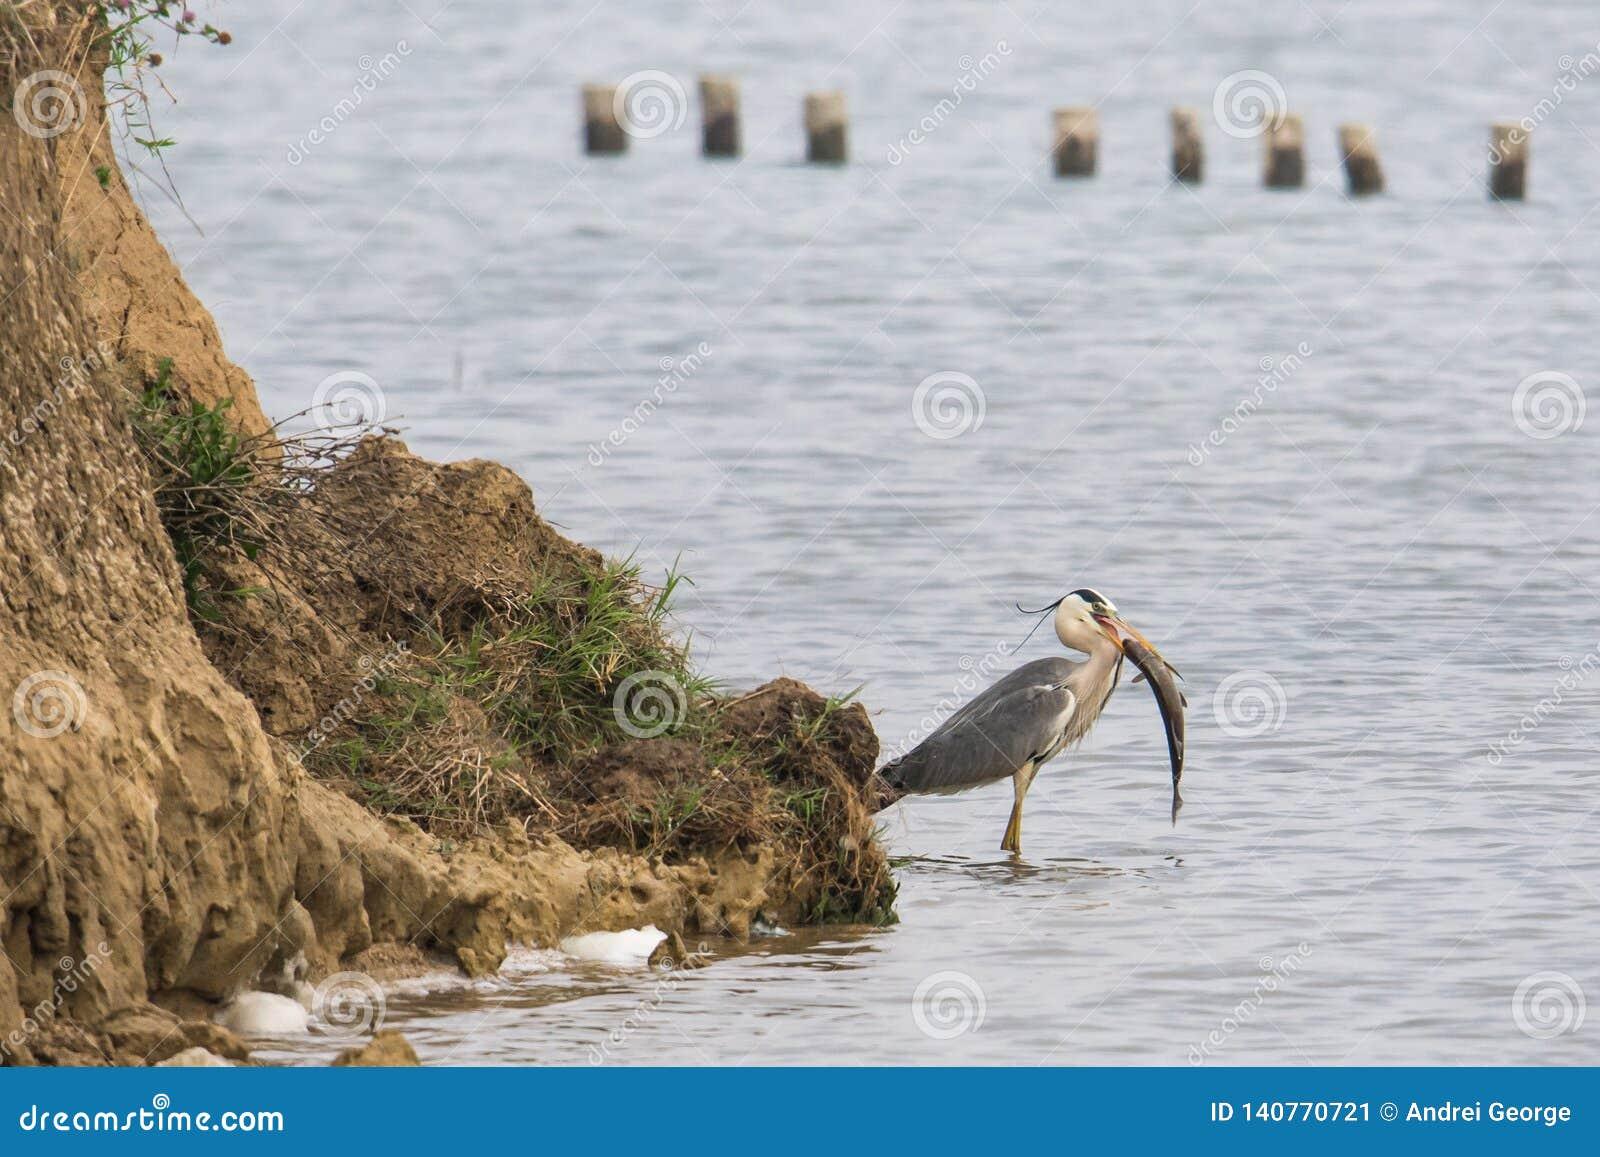 Dziki ptak: Popielata czapla z dużą rybą dla lunchu